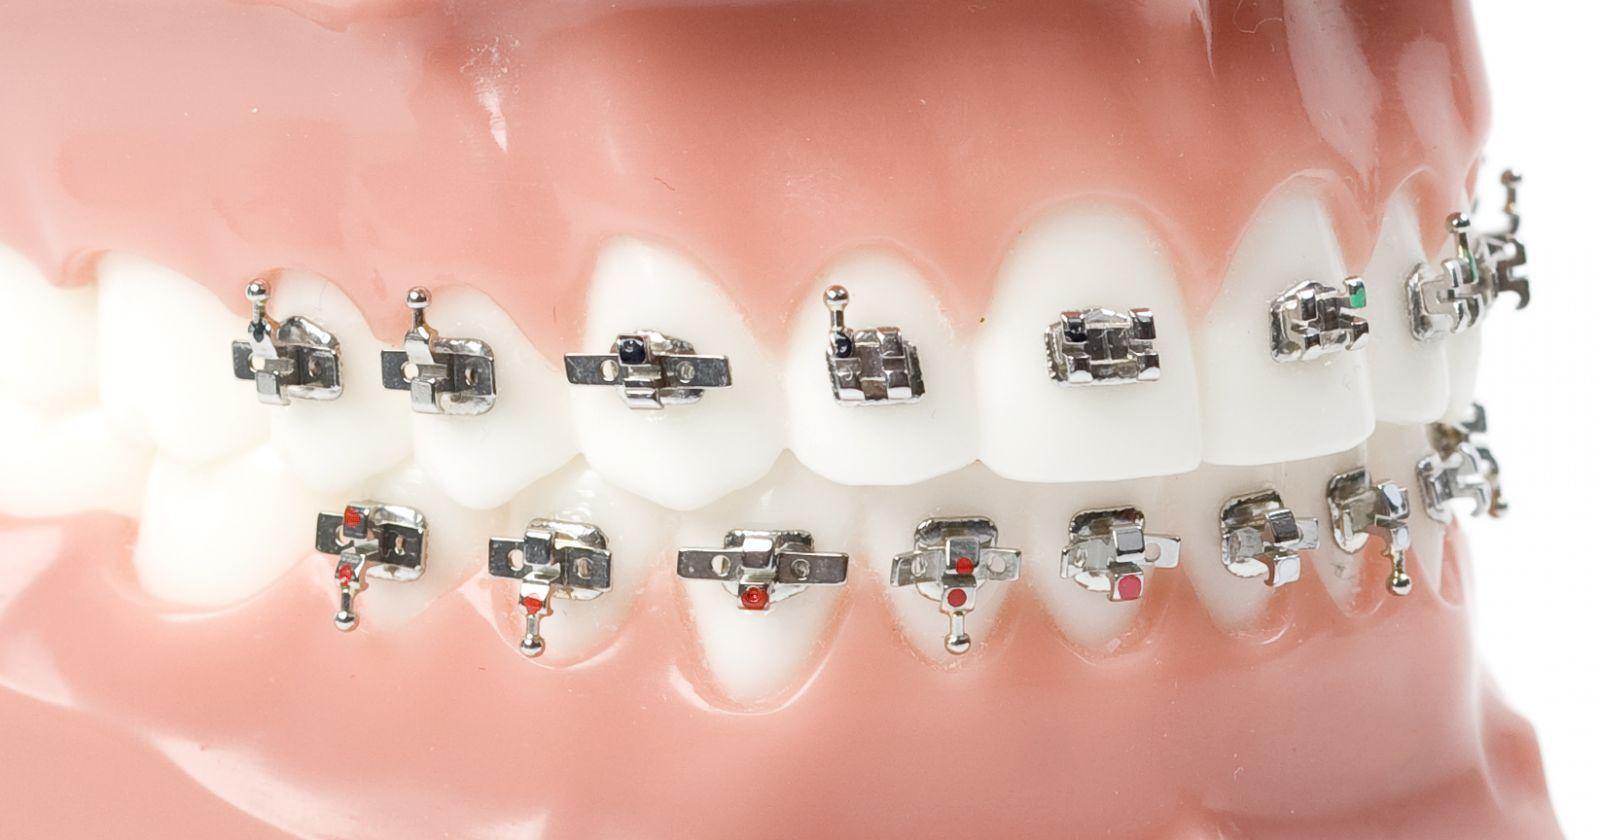 apparecchio ortodontico in inglese